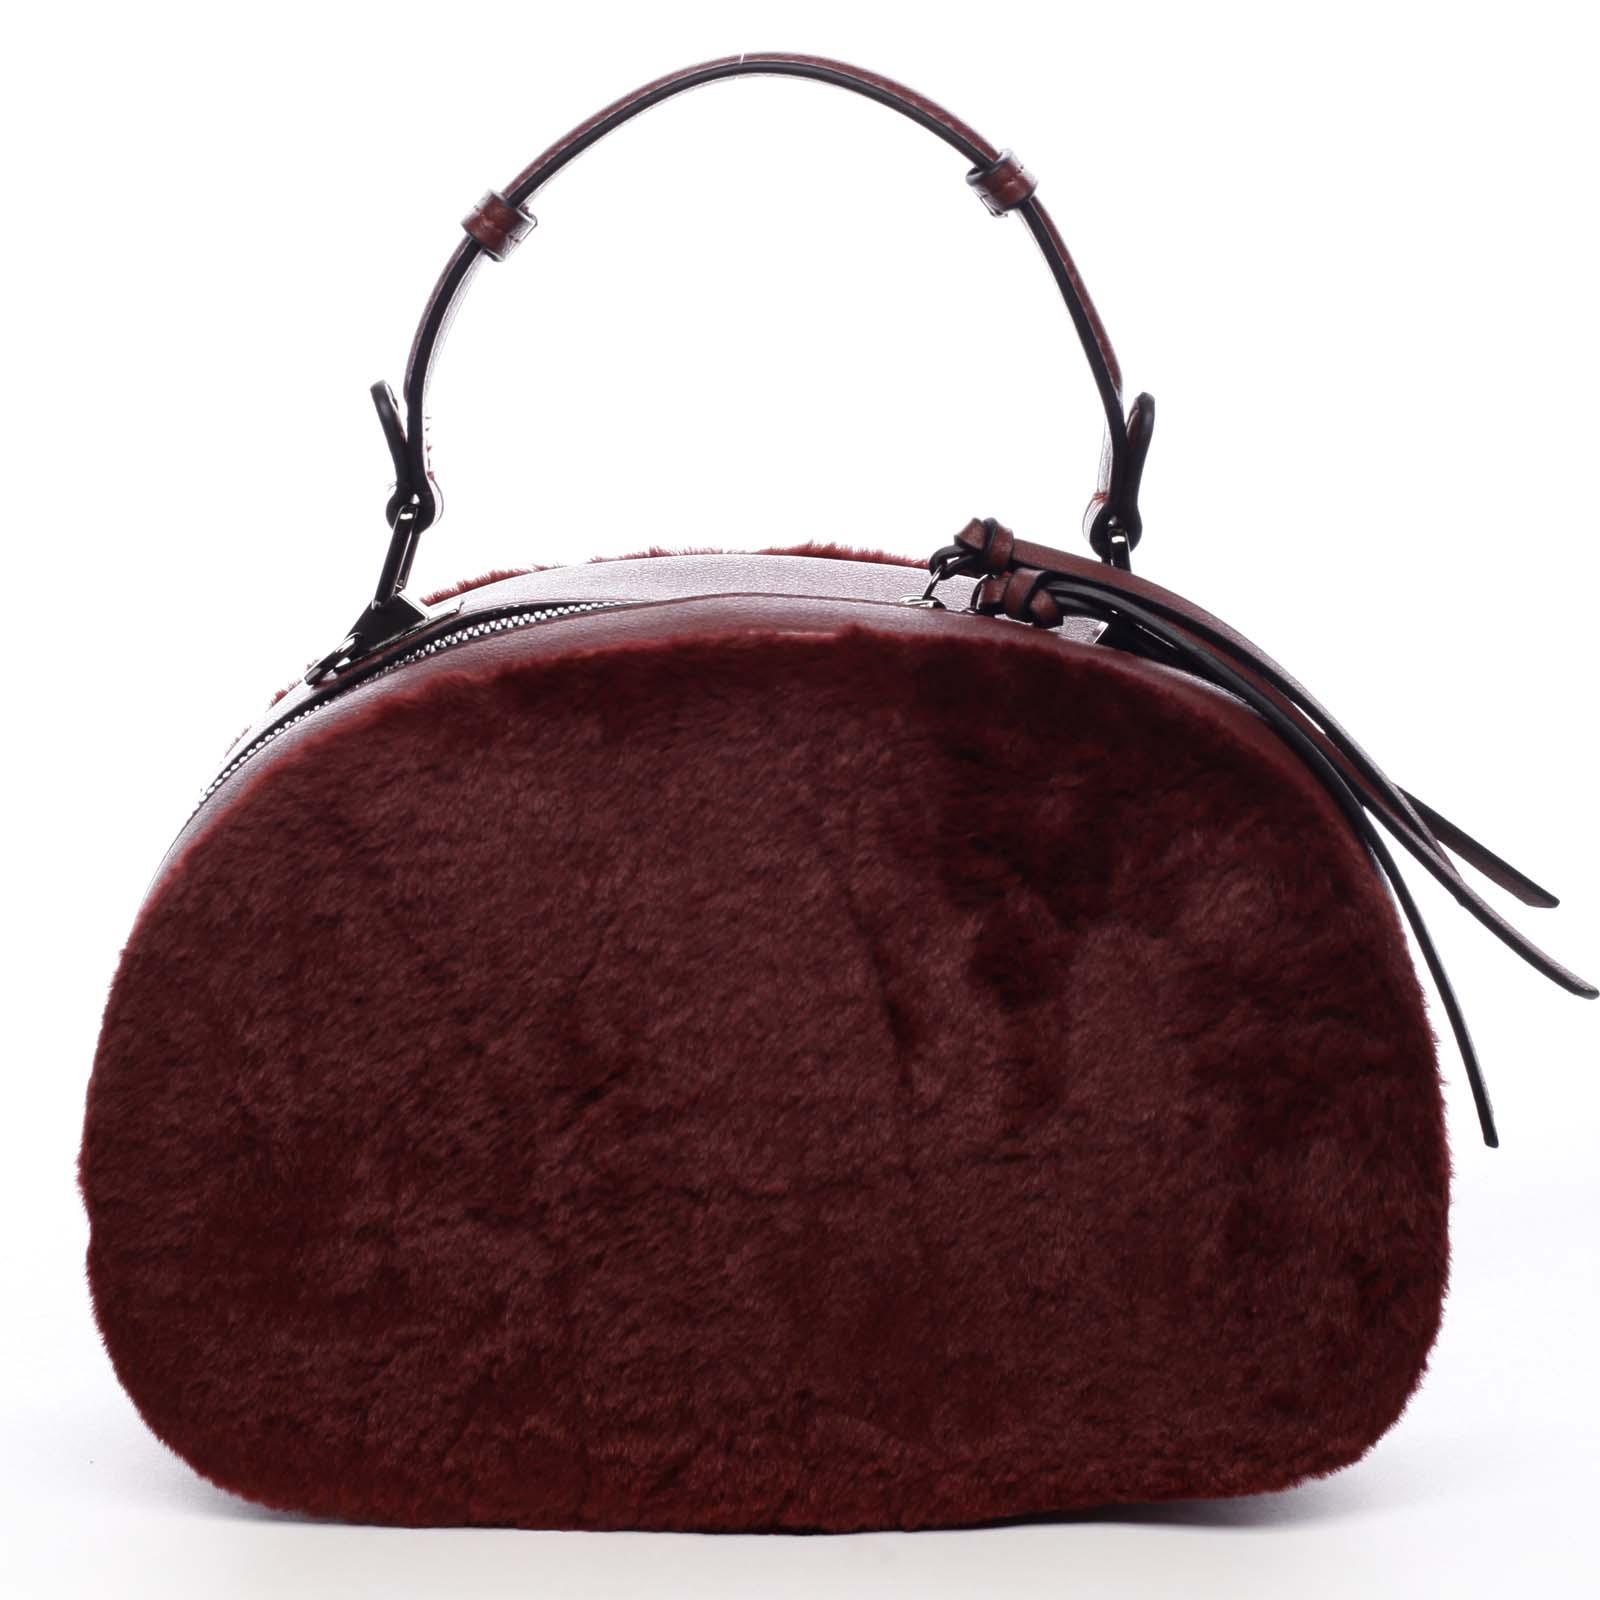 Dámska kožušinová kabelka vínová - MARIA C Hasiel